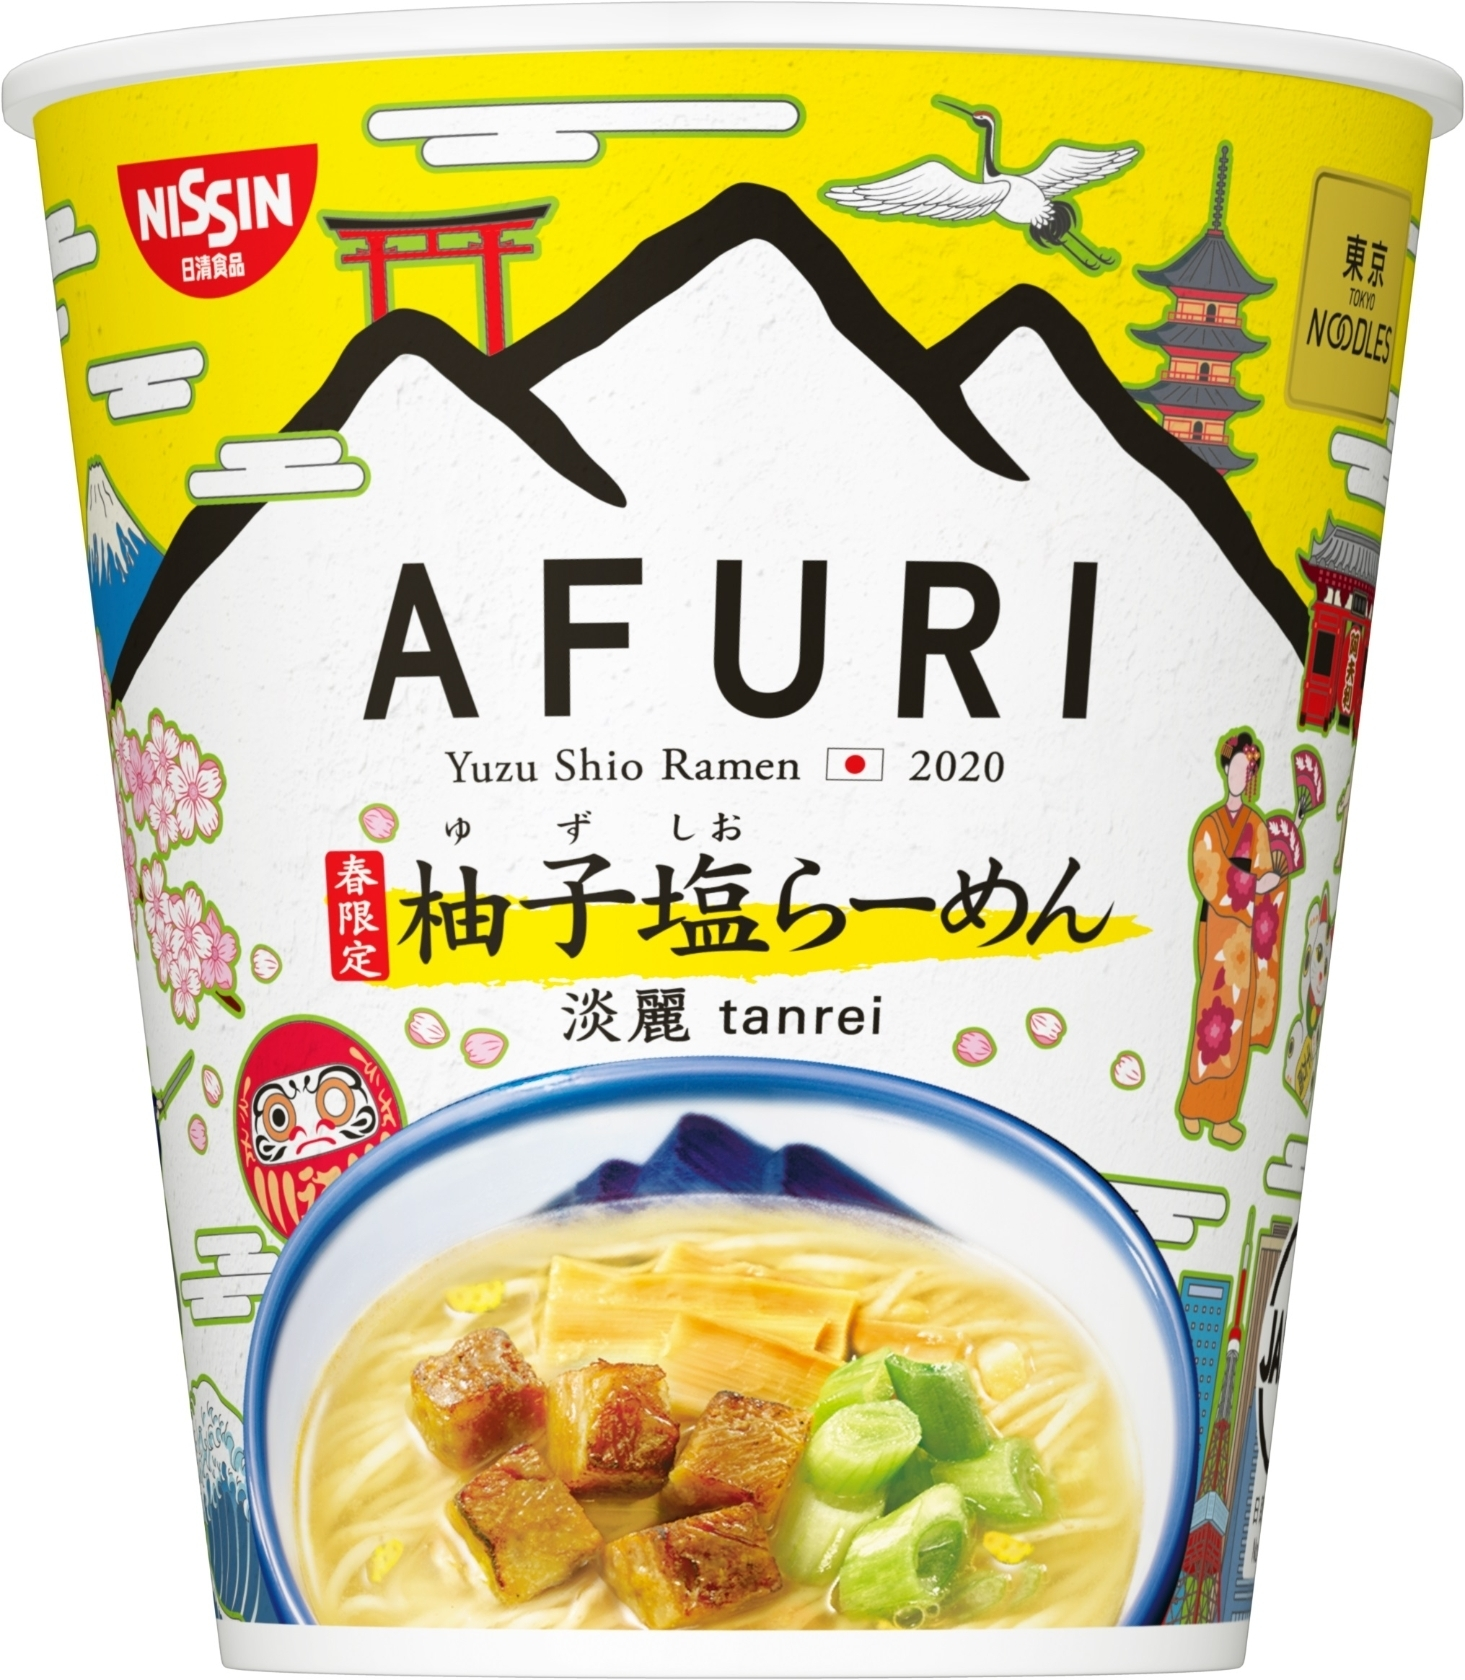 日清食品 東京NOODLES AFURI 春限定 柚子塩らーめん 淡麗